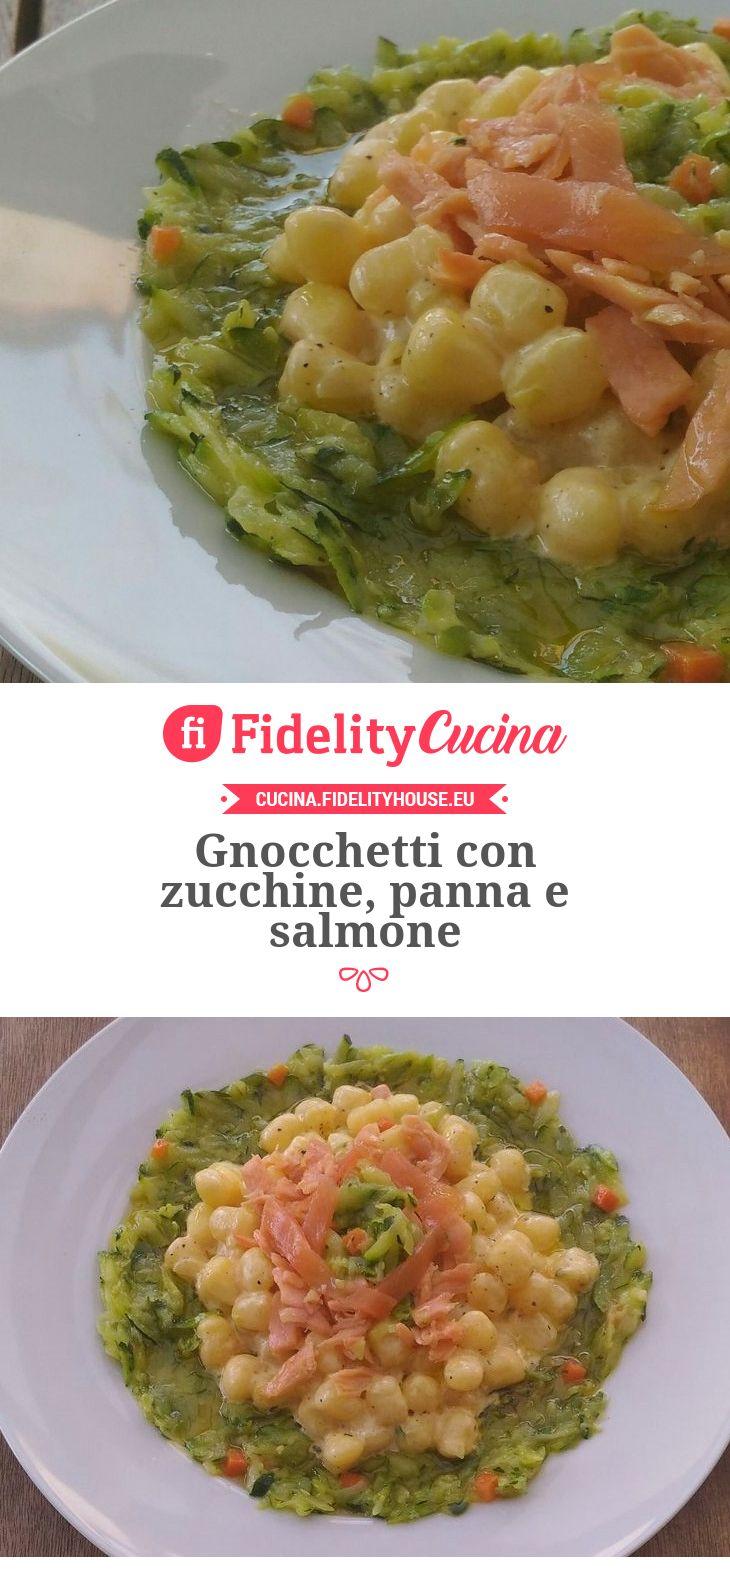 Gnocchetti con zucchine, panna e salmone